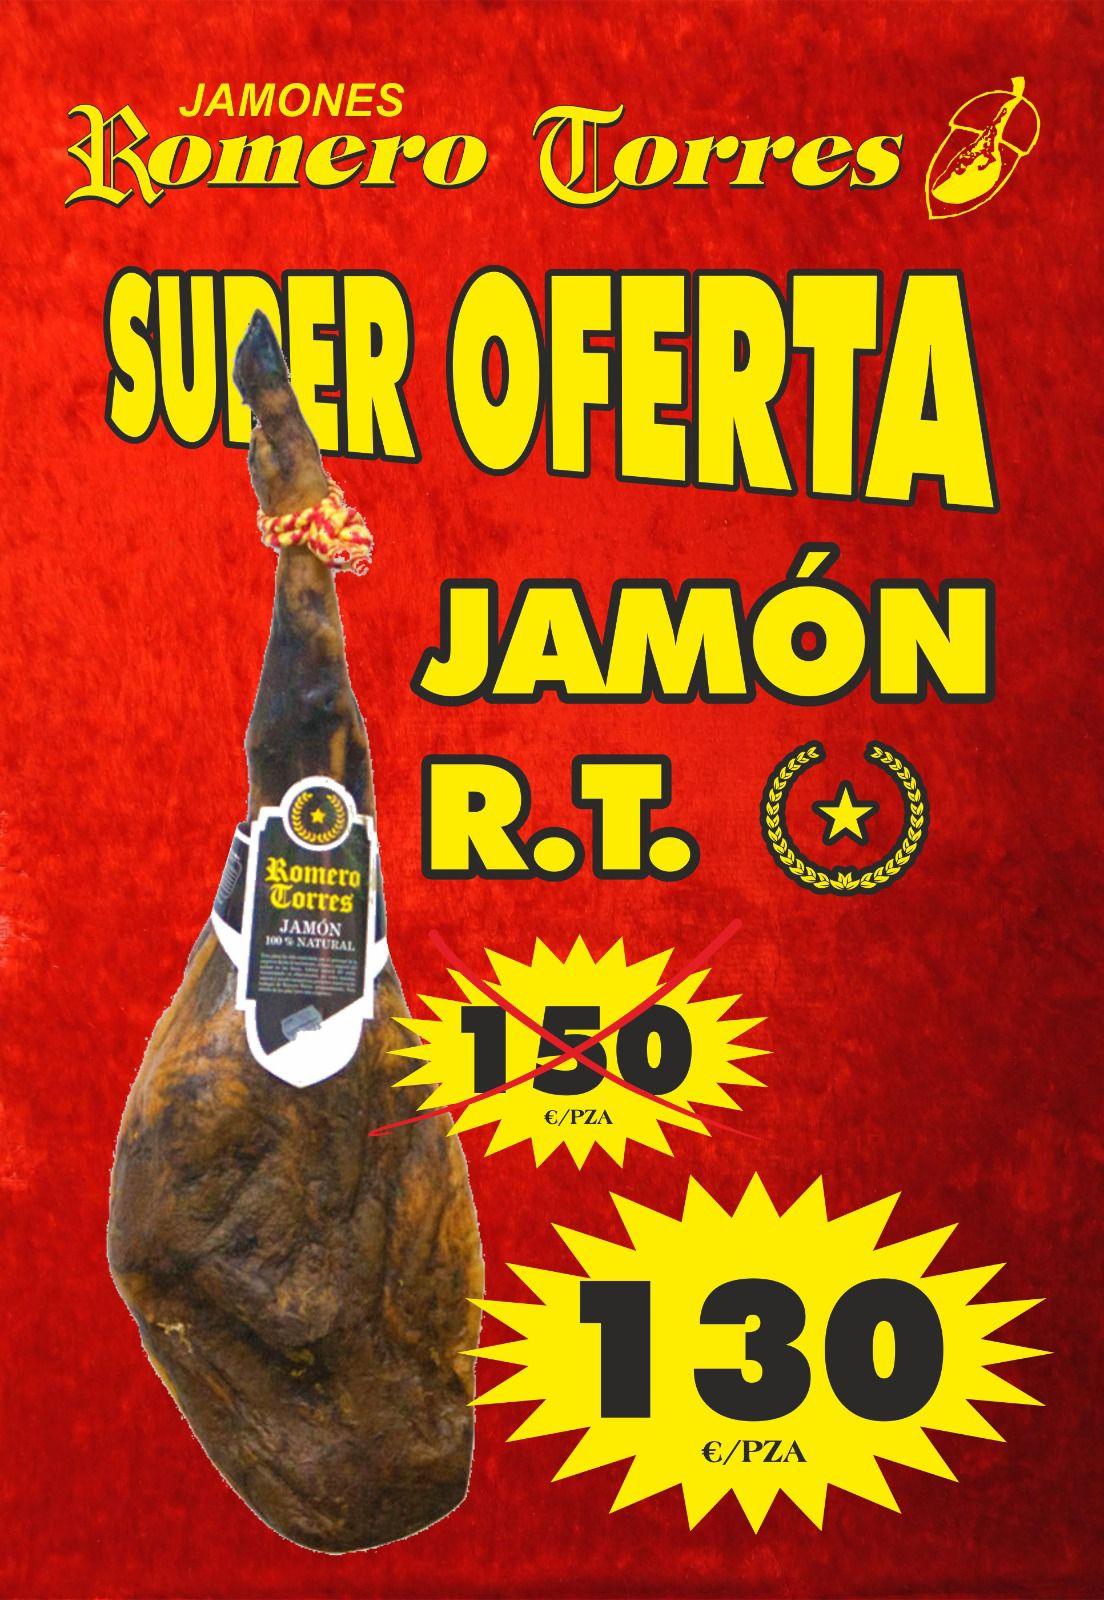 SÚPER OFERTA JAMÓN R.T.